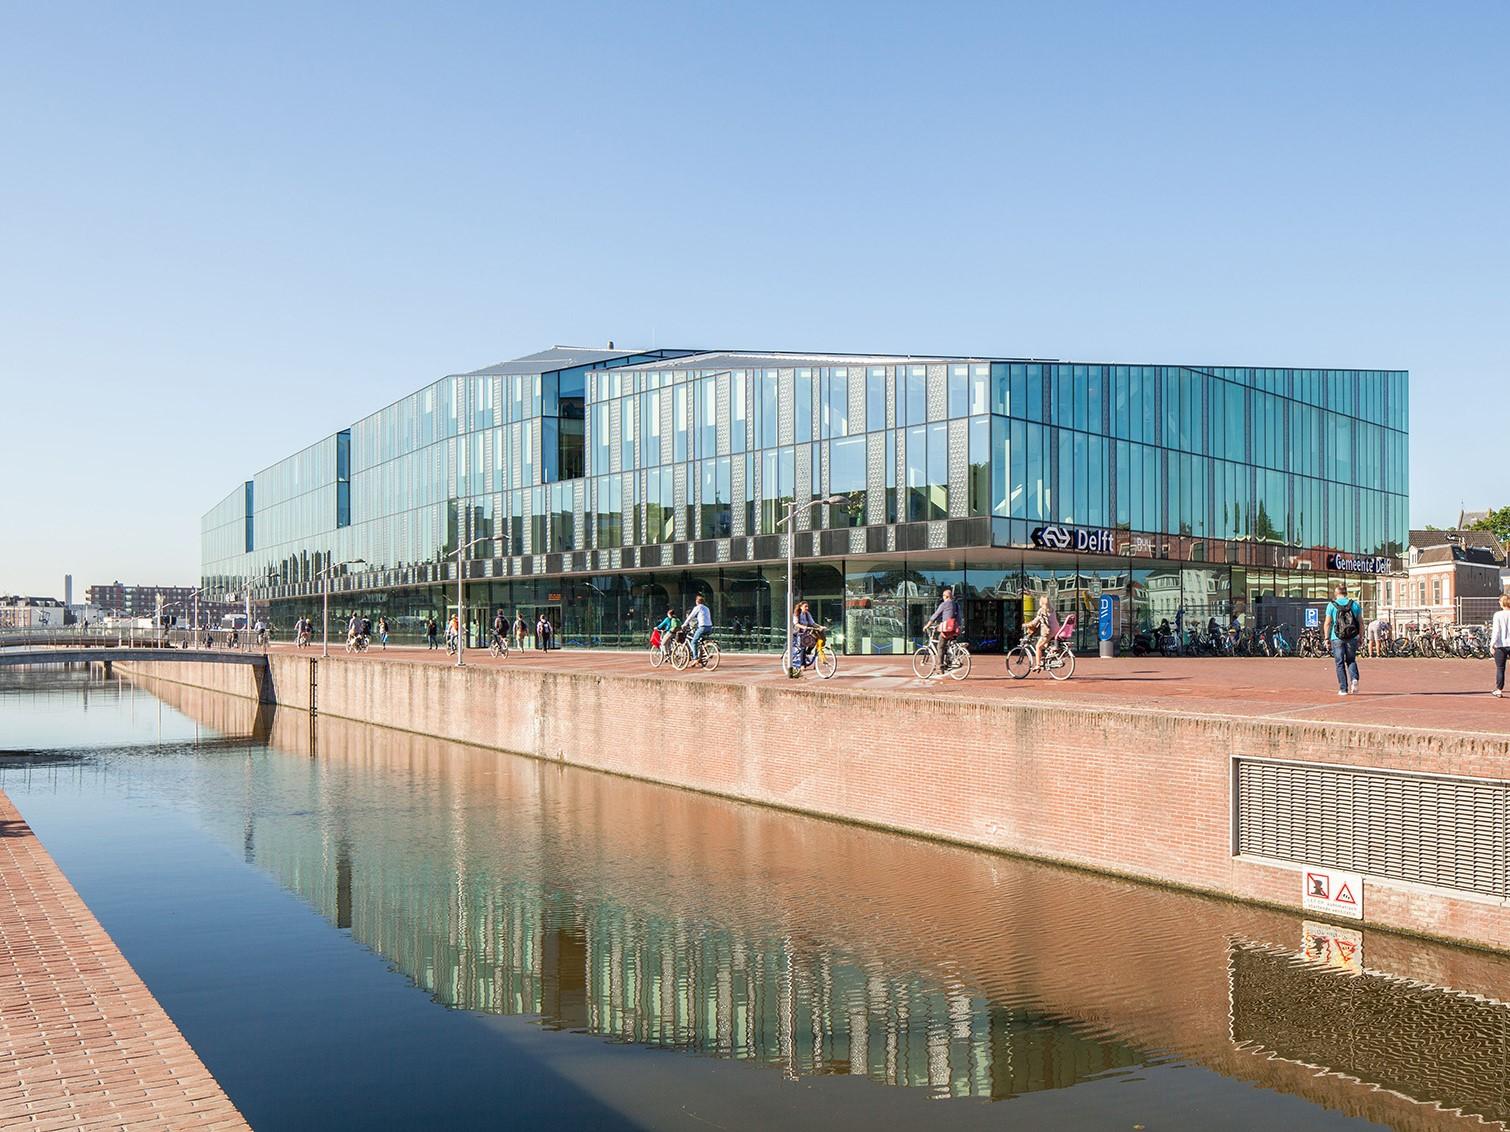 荷兰代尔夫特市政厅和火车站